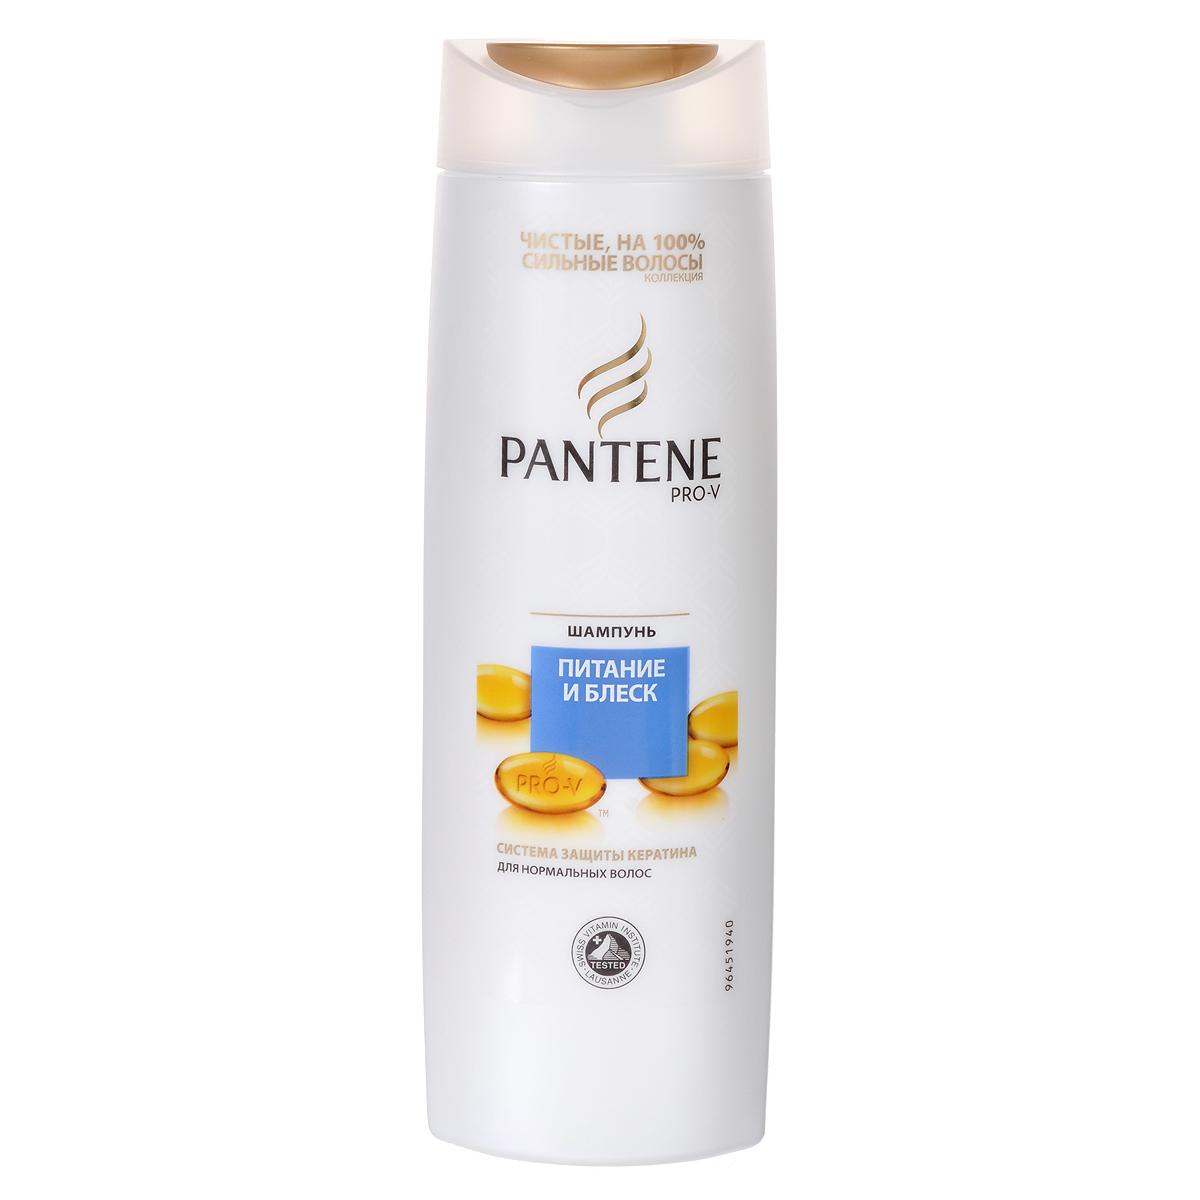 Pantene Pro-V Шампунь Питание и блеск, для нормальных волос, 400 млD0980403Шампунь Pantene Pro-V Питание и блеск обеспечивает необходимое очищение и увлажнение вашим волосам, придавая им здоровый вид. Система защиты кератина. Здоровые и послушные волосы от корней до самых кончиков. Товар сертифицирован.